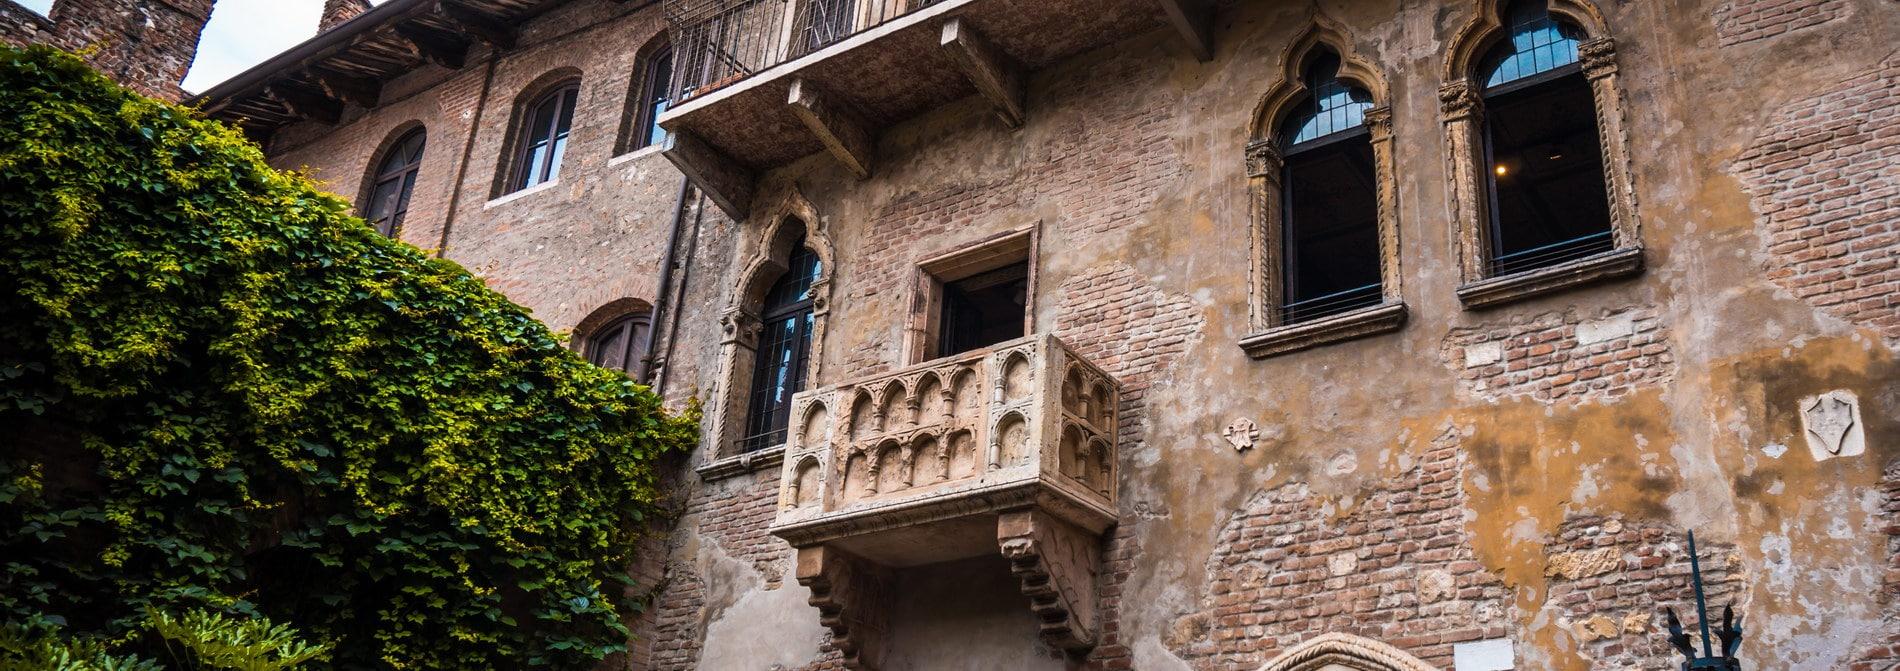 Weddings in Verona